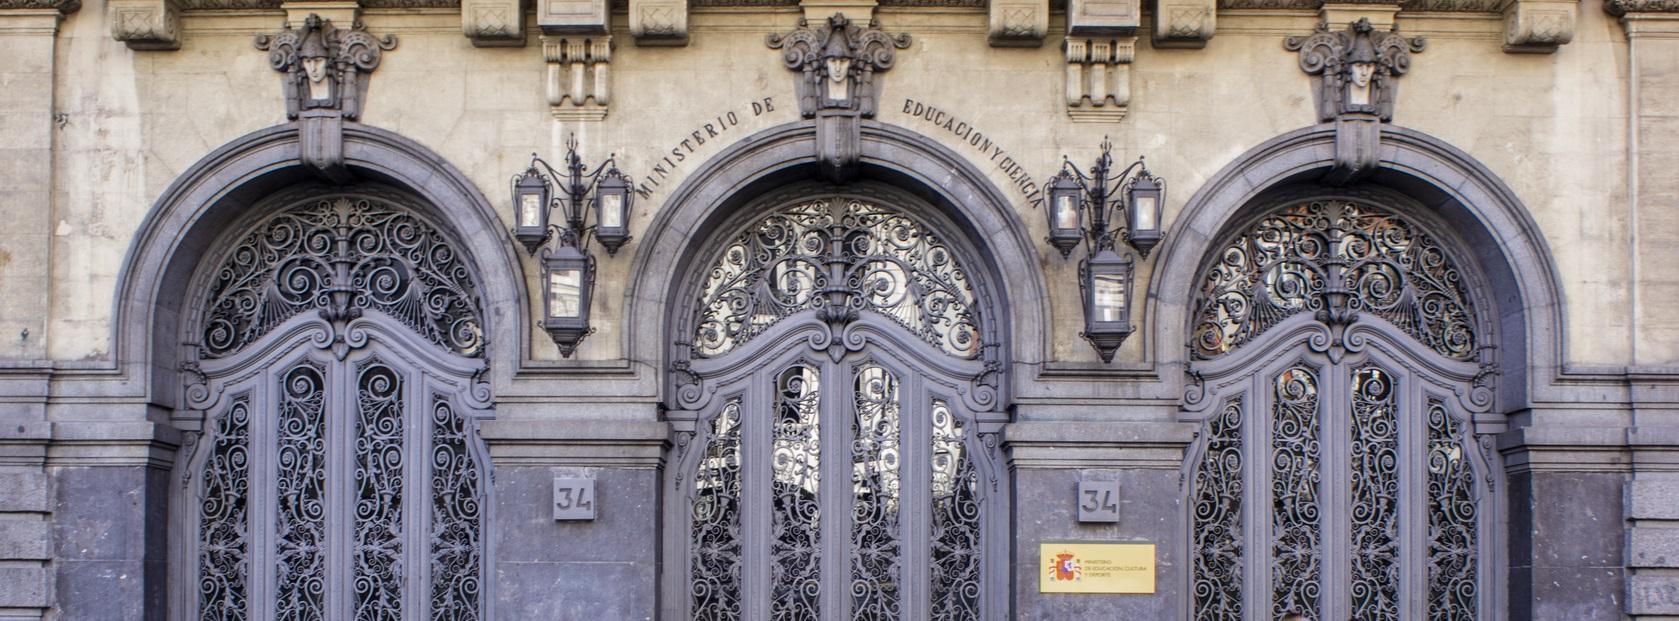 puerta-ministerio-de-educacion-y-ciencia-madrid-80151f13-8bce-4c2e-9498-78eb6ec15a40